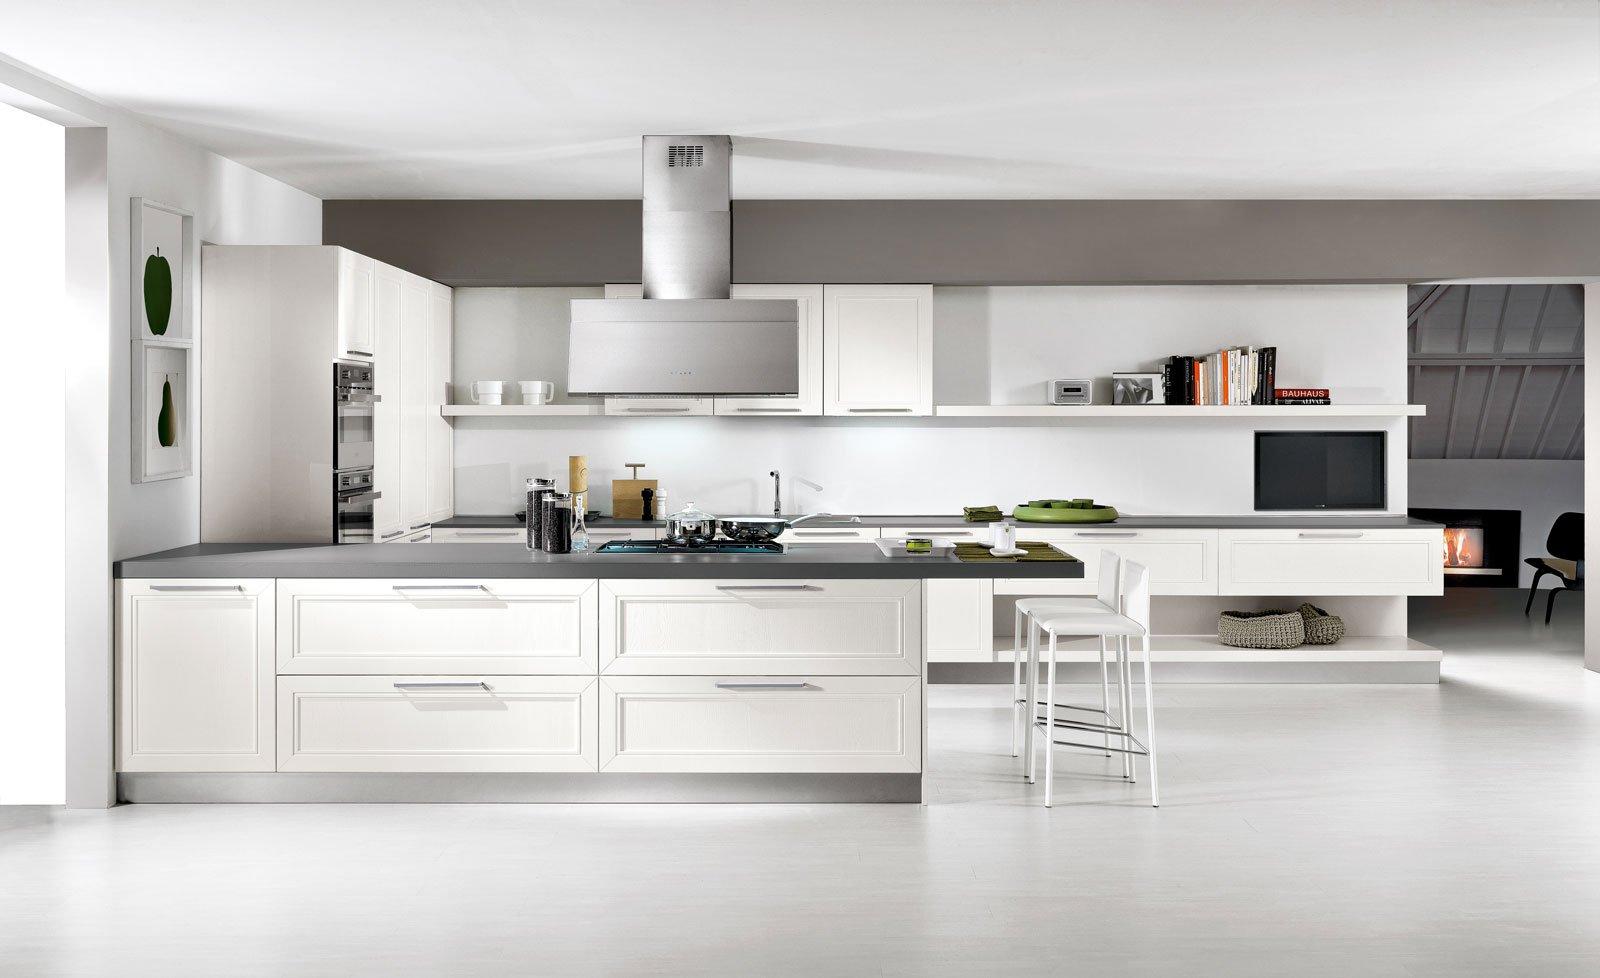 Arredamento Cucina Anni 50 | I 30 Tipi Di Cucine Più Desiderate